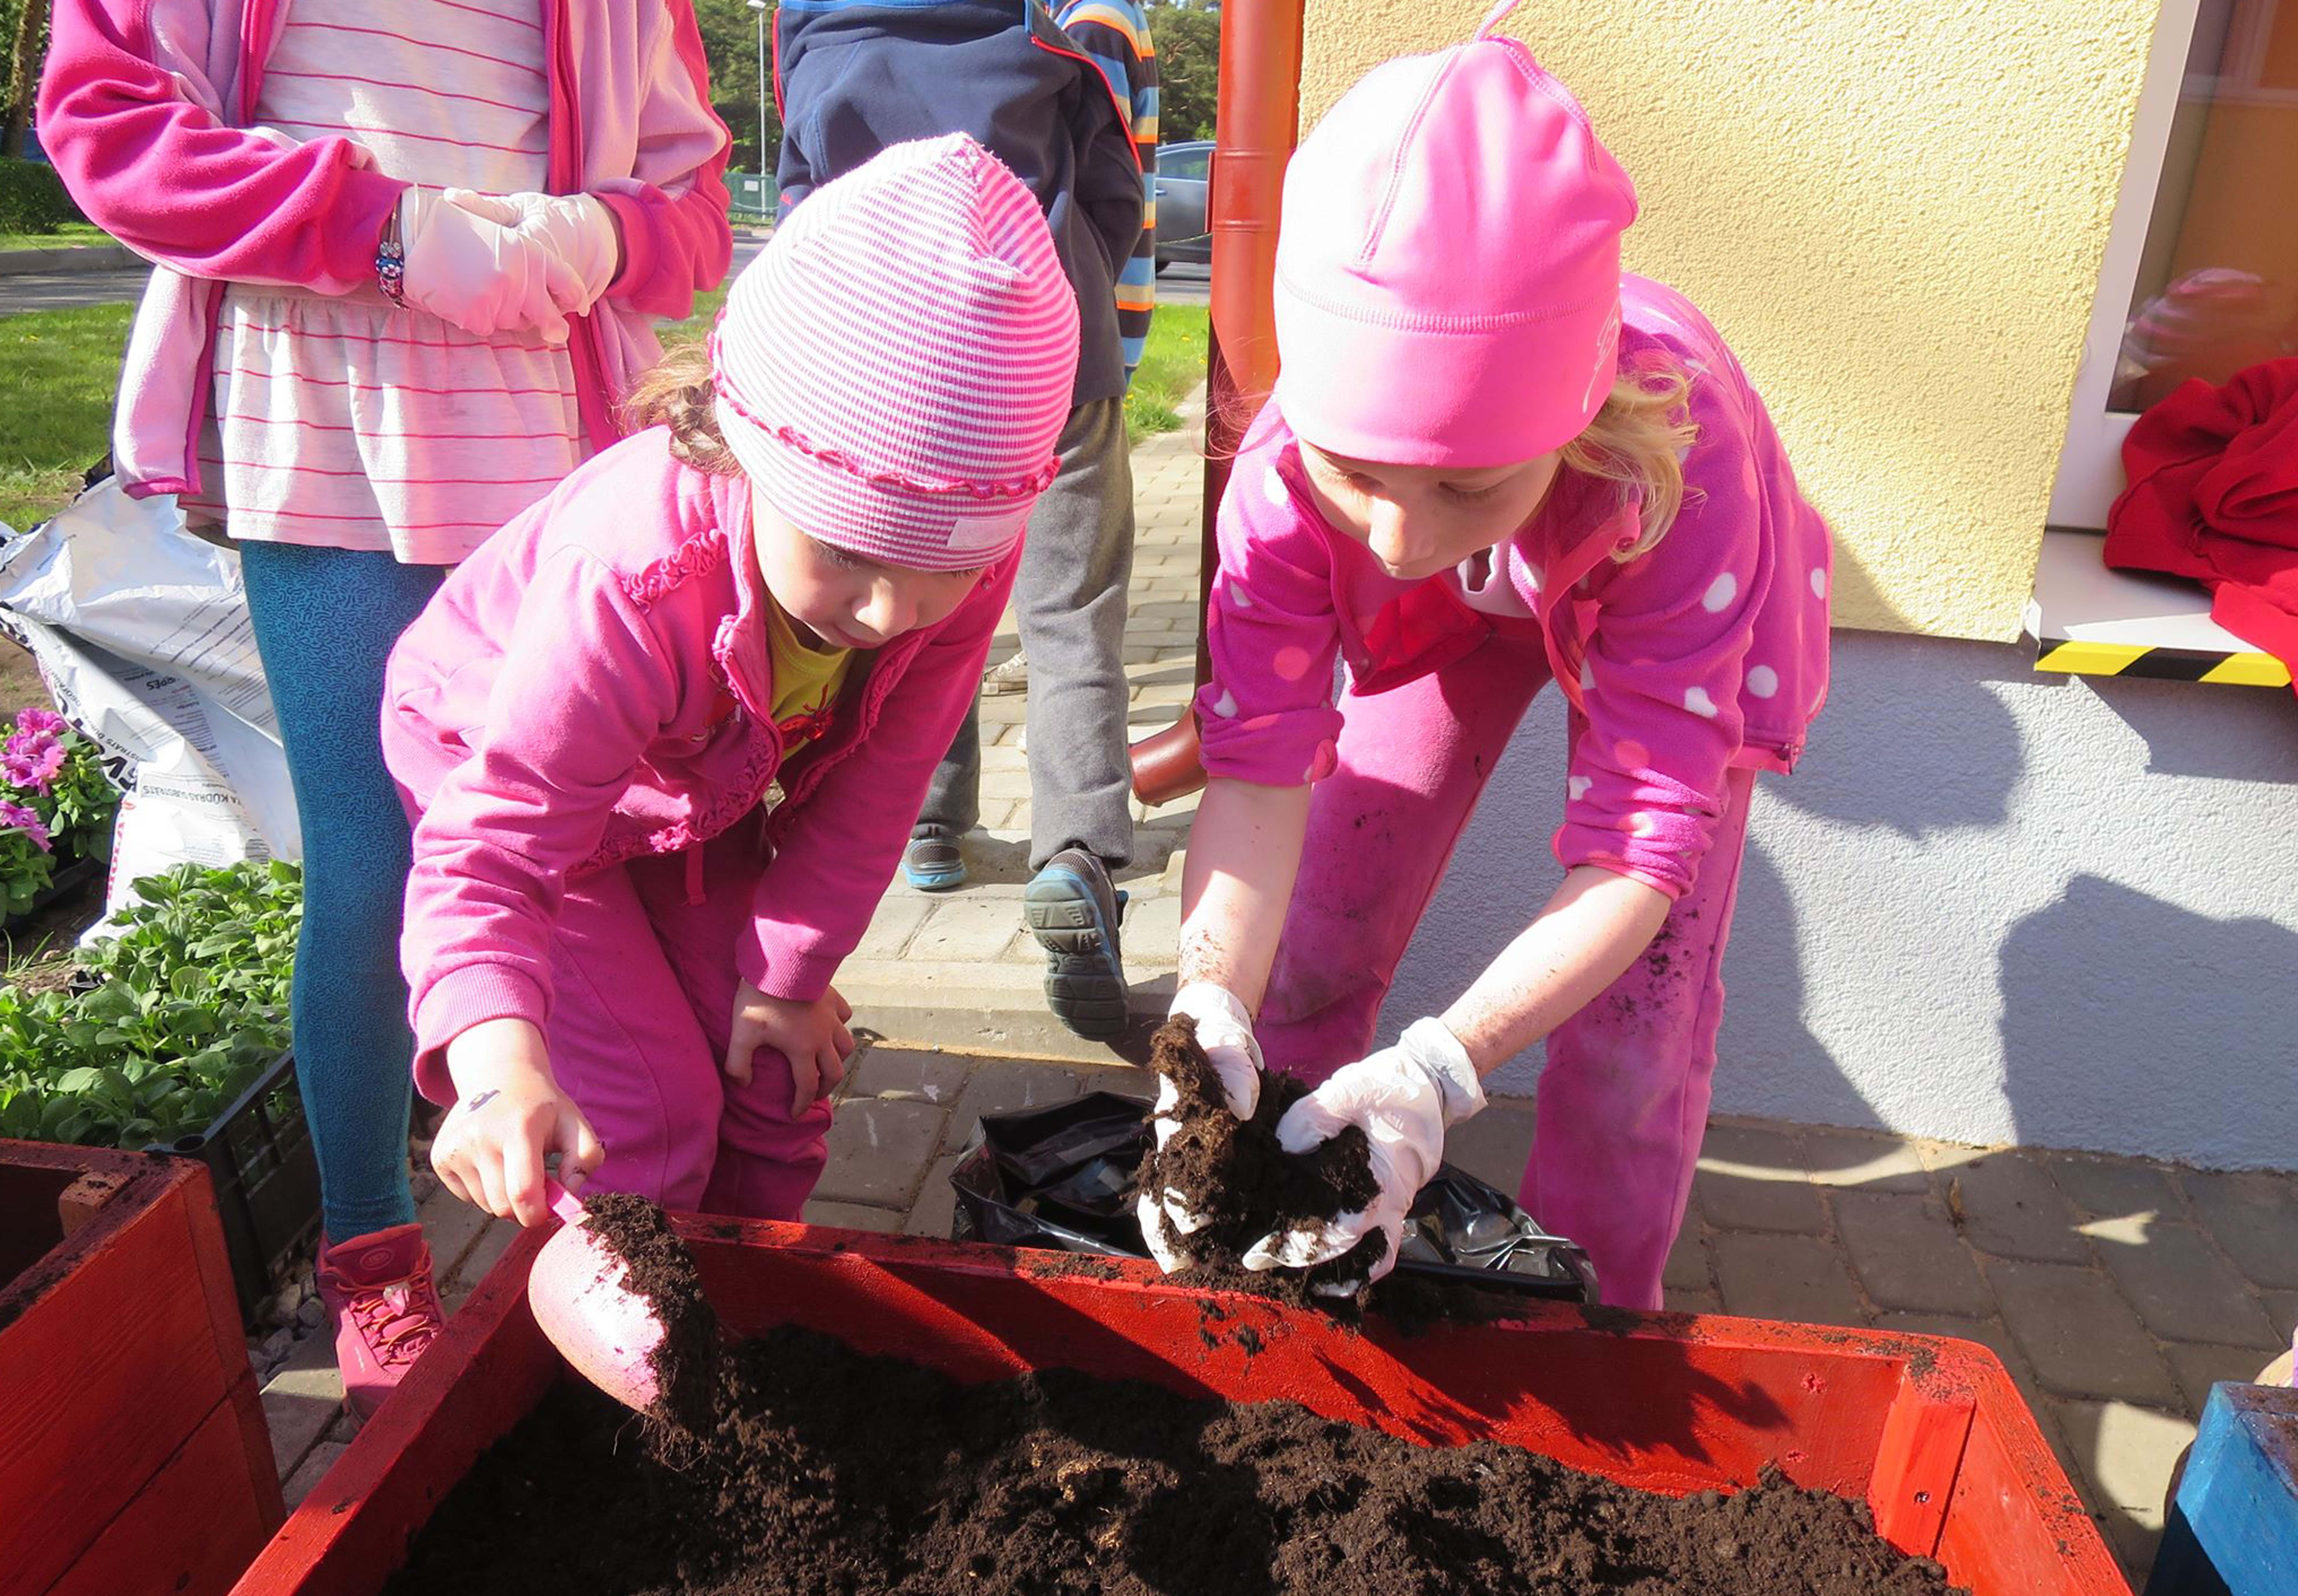 """Täna istutame ise lilli. Piltidel on """"Ettevõtliku kooli"""" programmi kuuluva Voka lasteaia Naksitrallid lapsed. – http://vokalasteaed.edu.ee/. Fotod: Berit Baun"""